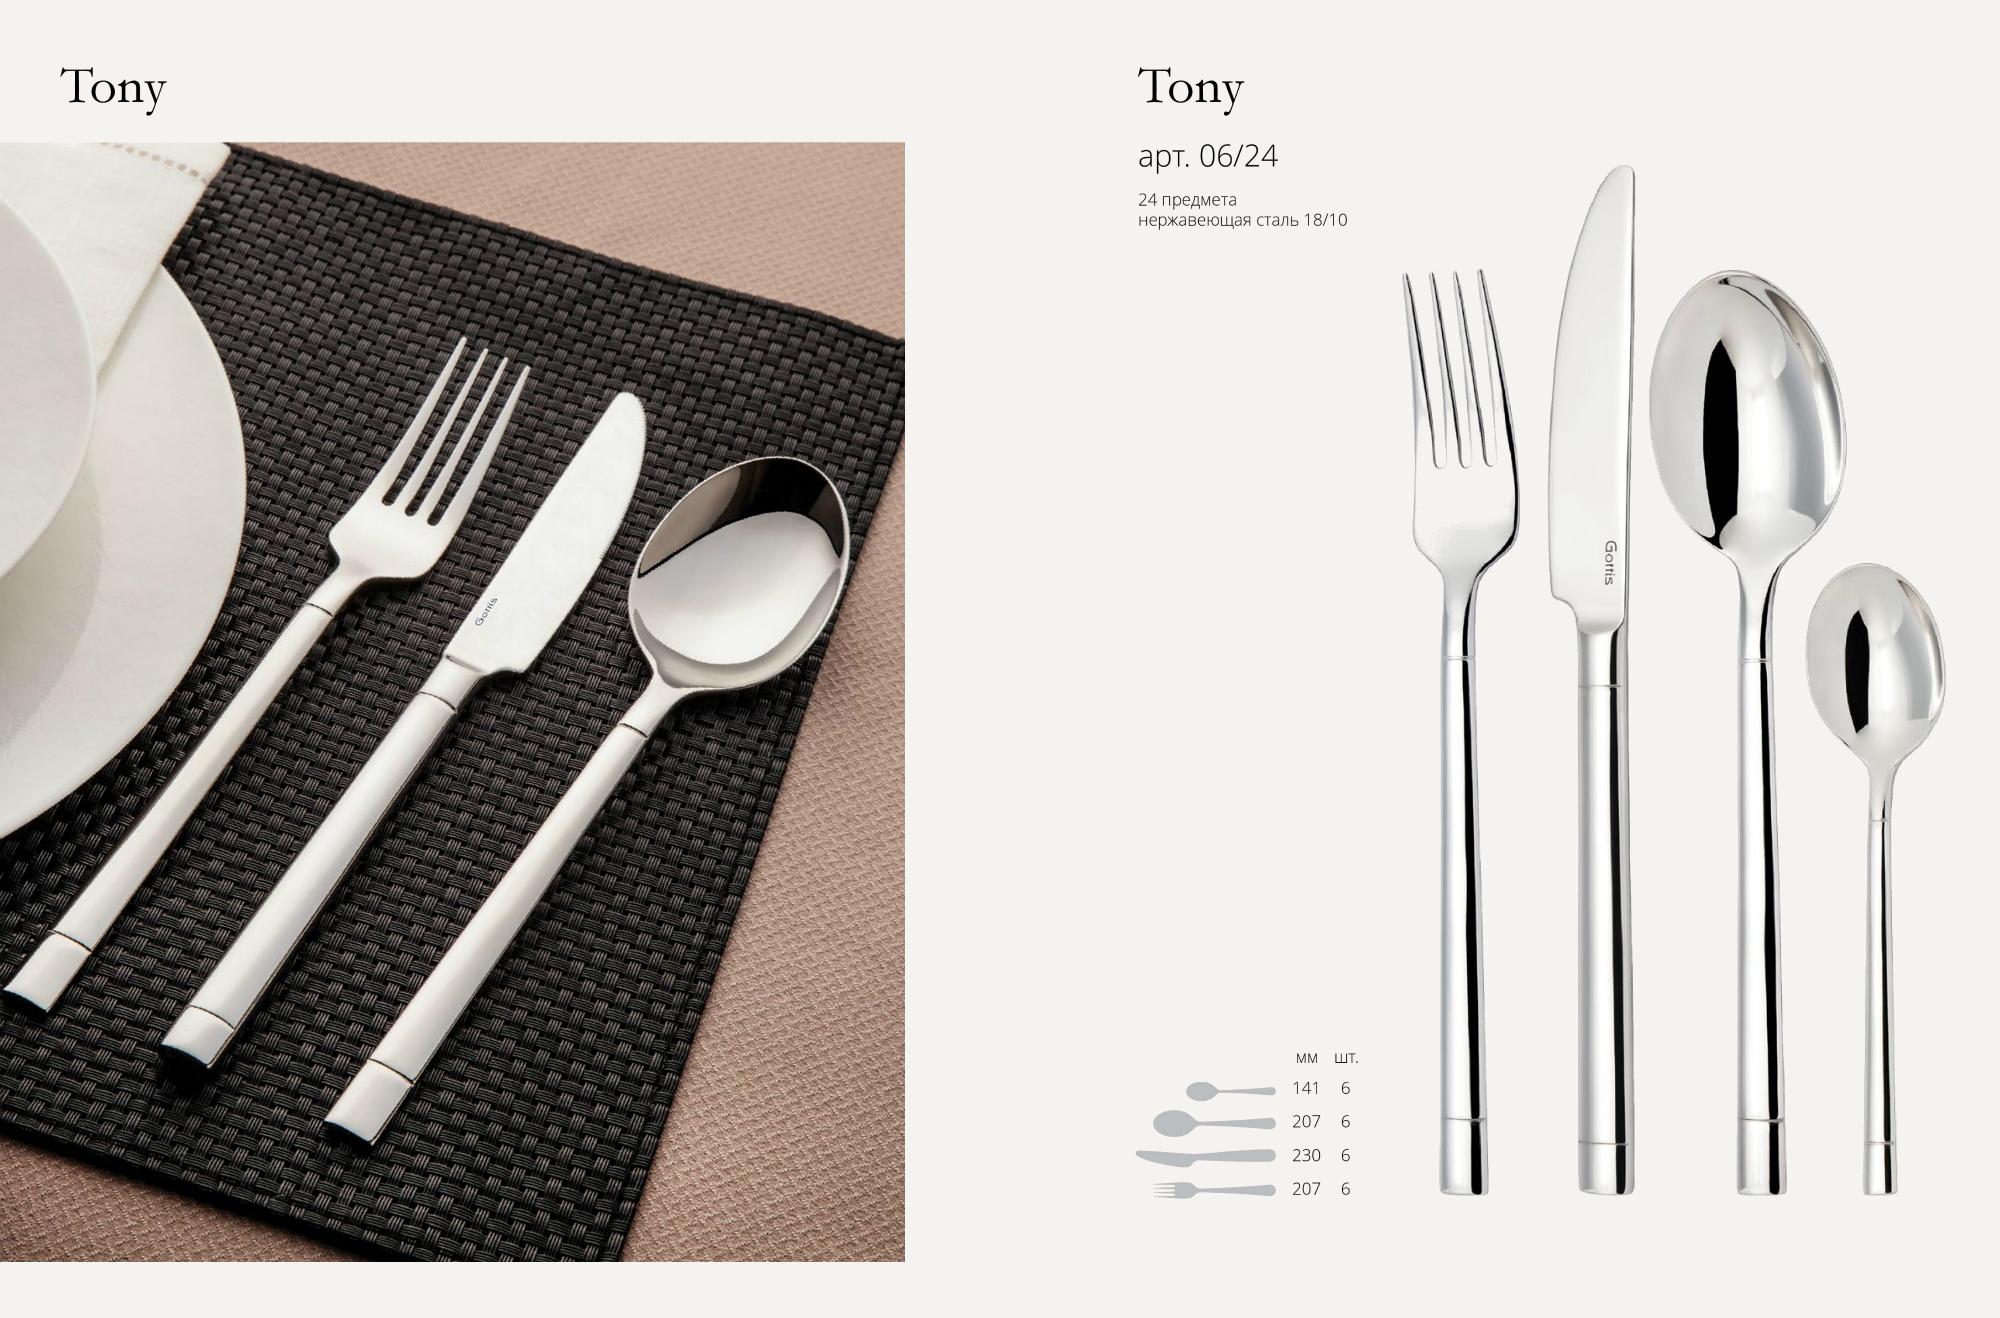 """Набор столовых приборов (24 предмета / 6 персон) Gottis """"Tony"""" 06/24"""